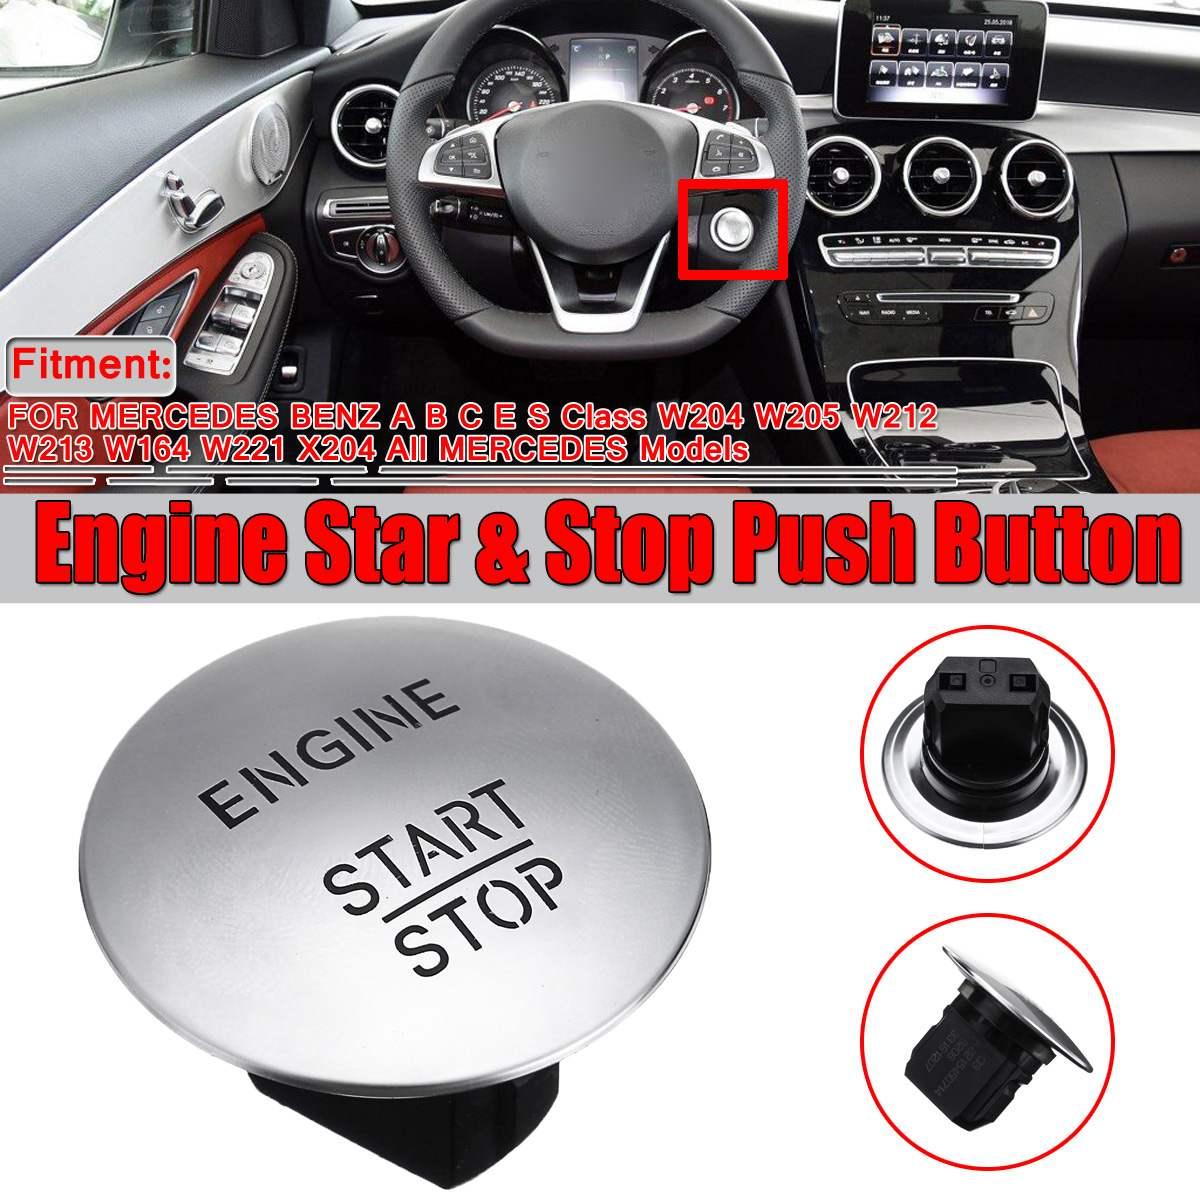 New Silver/Red Car Engine Start Stop Push Button Switch Keyless For Mercedes For Benz Model W164 W205 W212 W213 W164 W221 X204